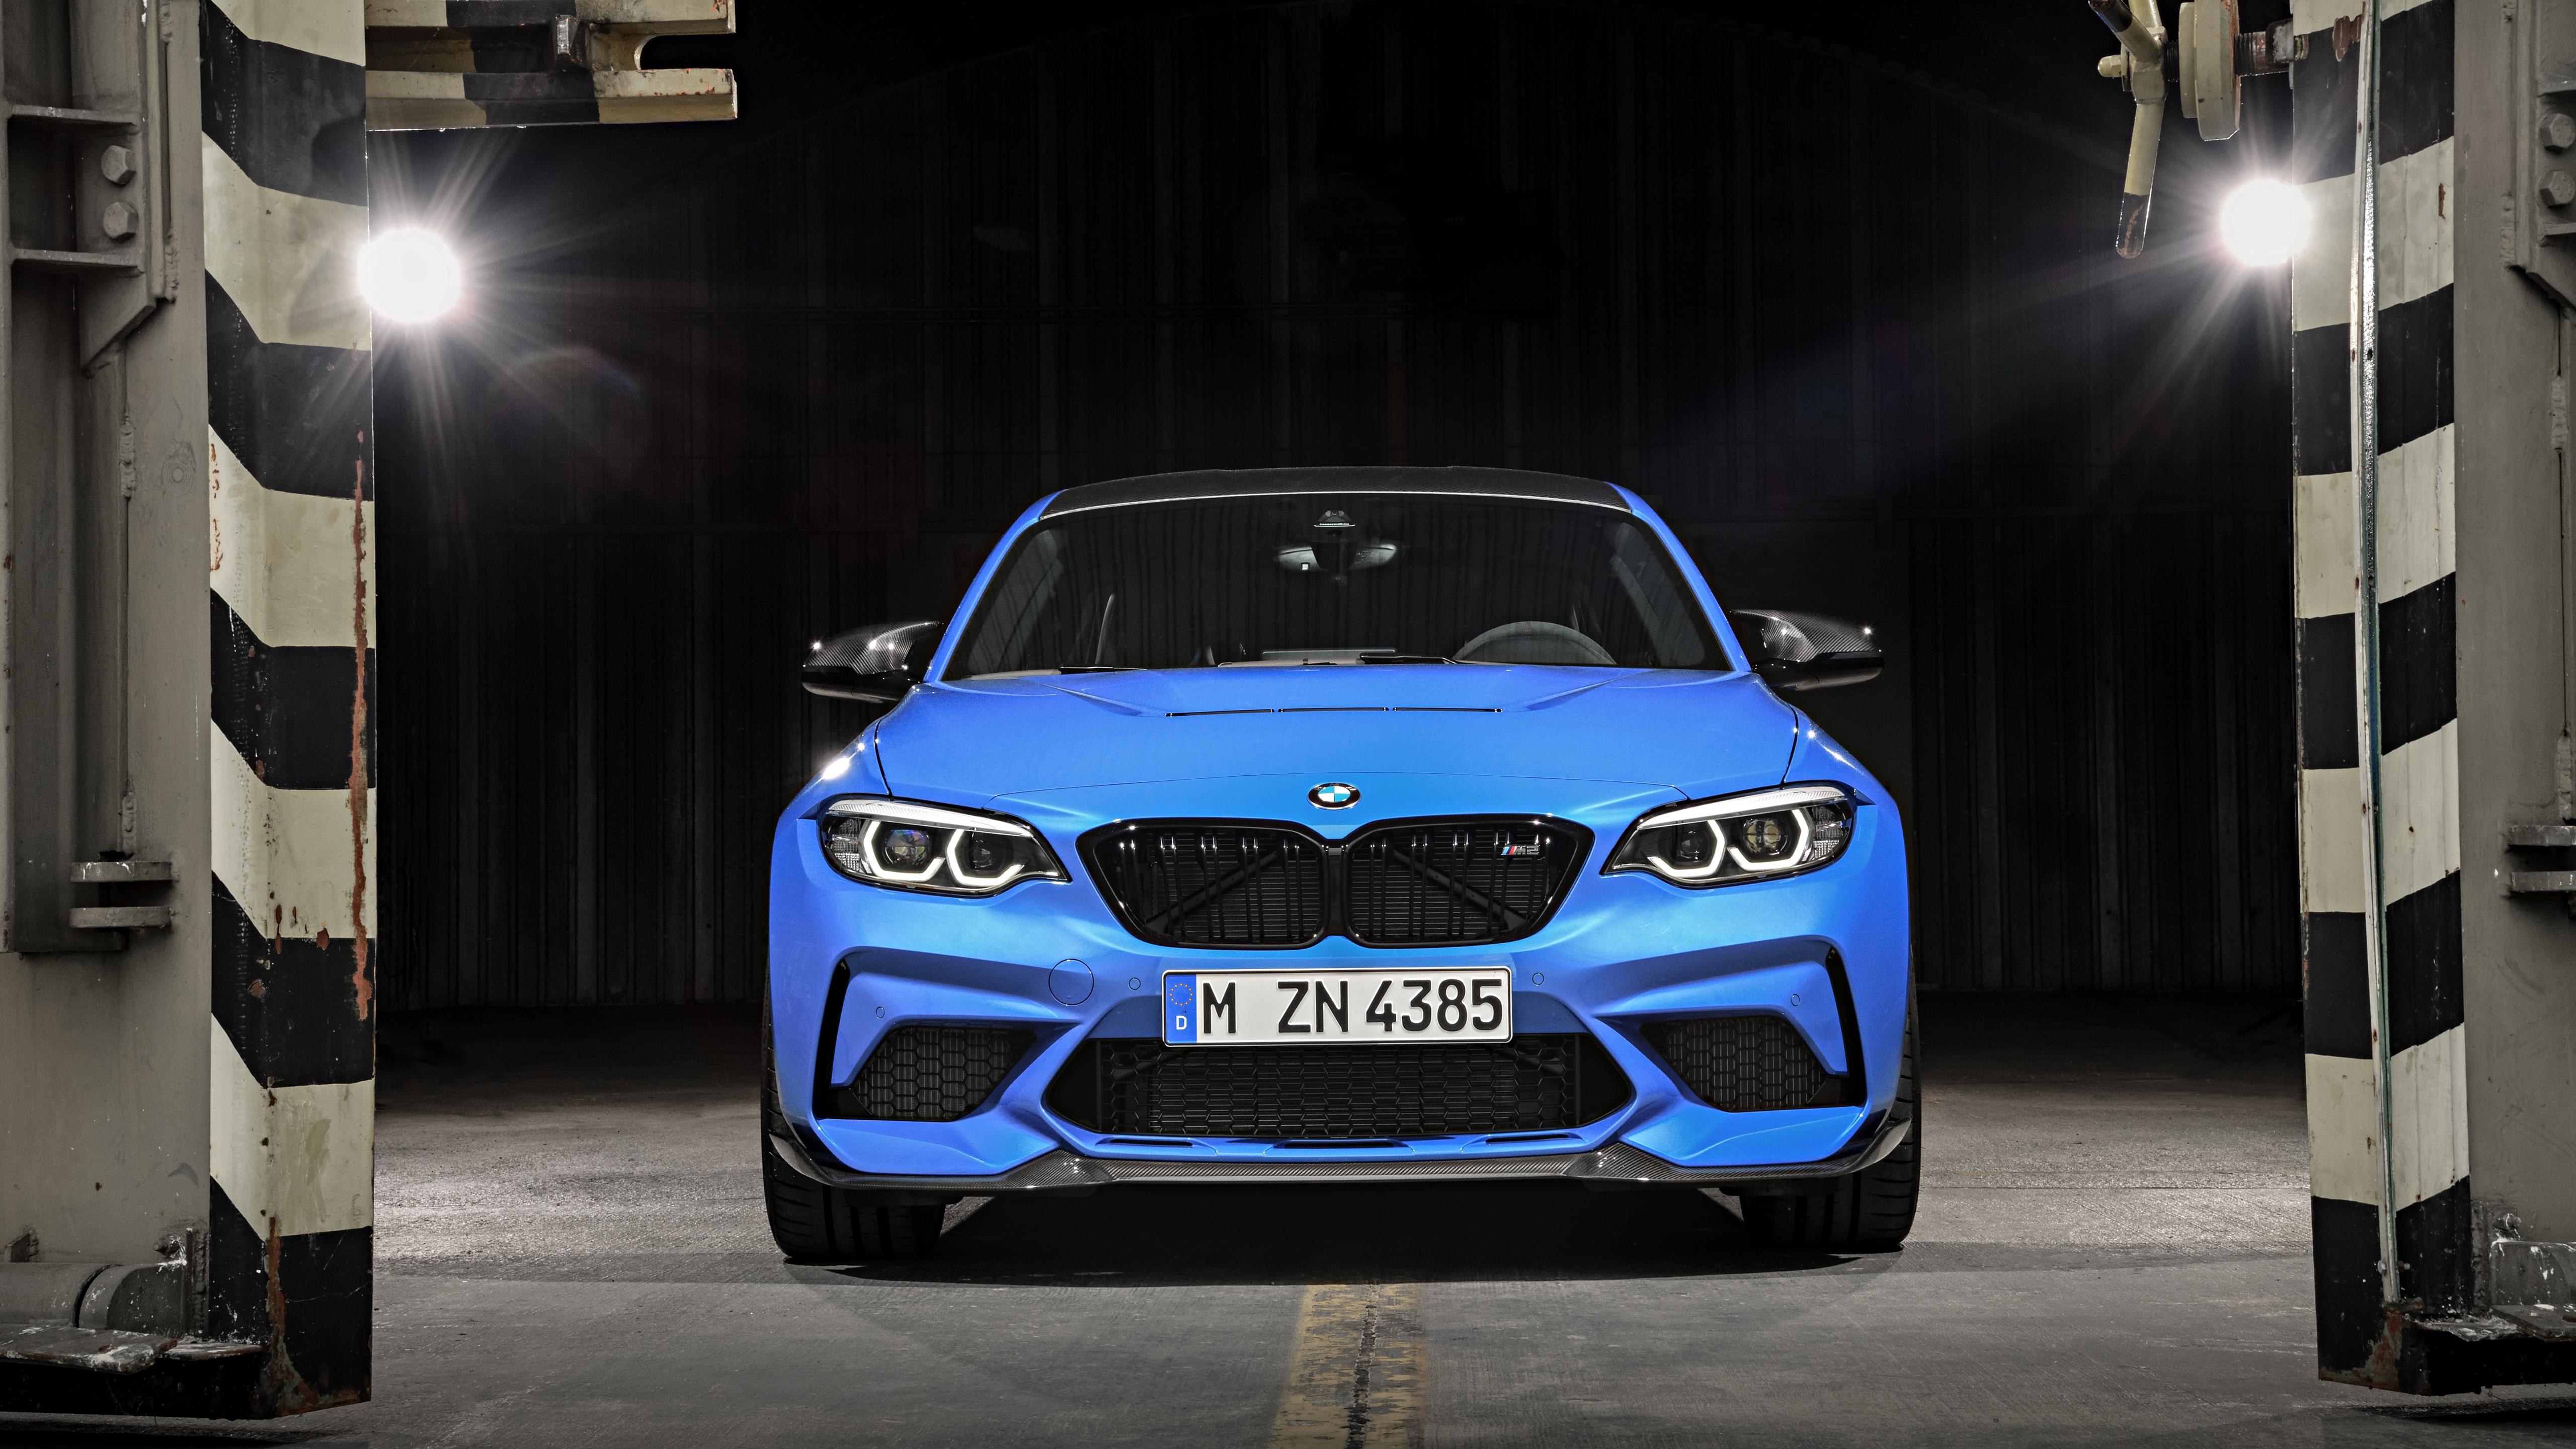 BMW M2 CS 2019 4K Wallpaper   HD Car Wallpapers   ID #13652